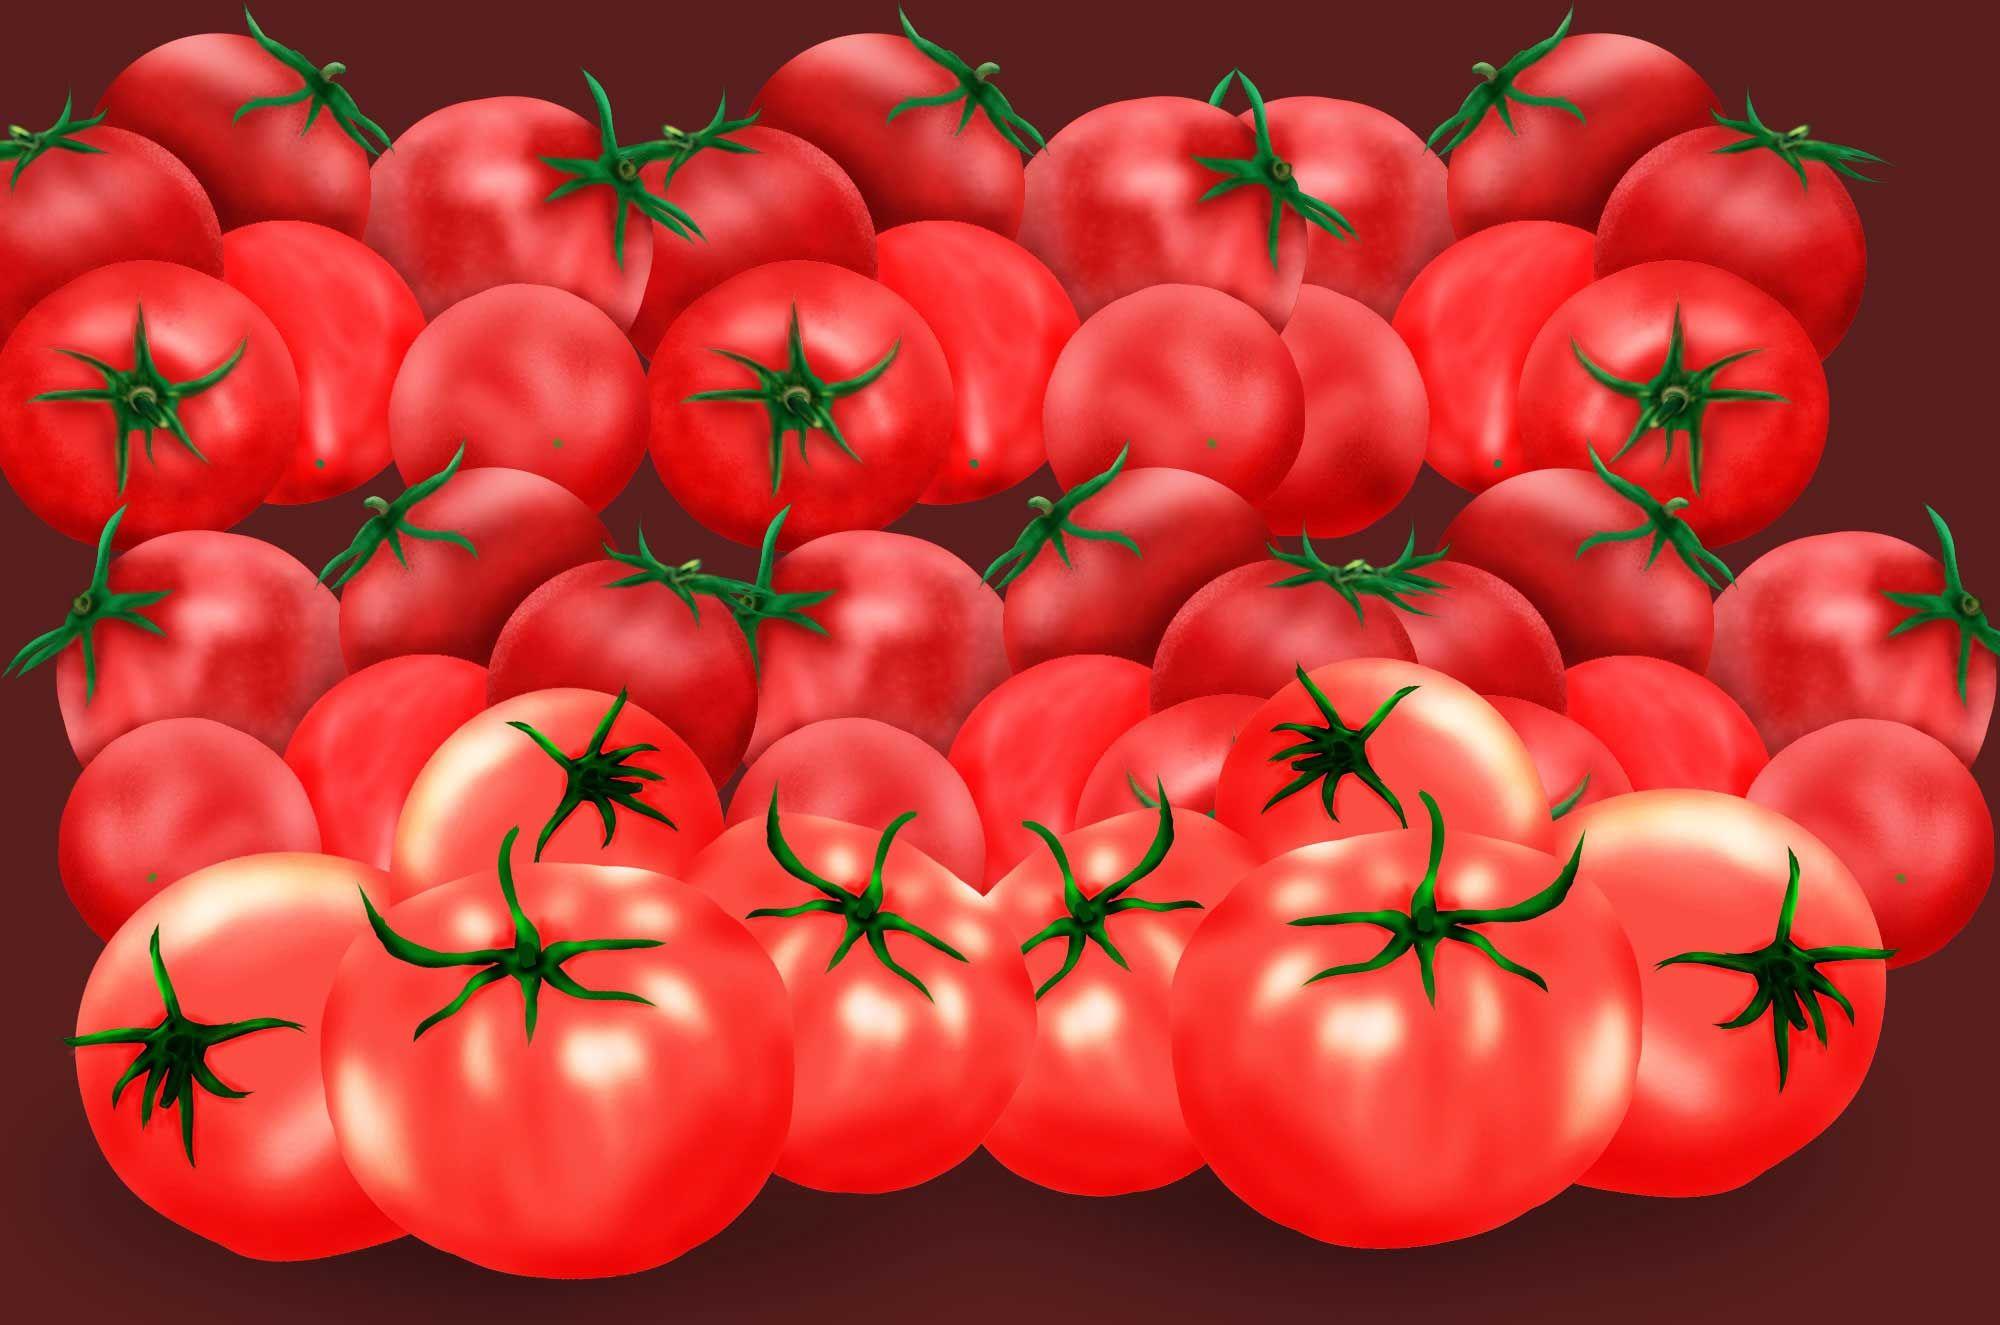 トマトの無料イラスト 手書きのおしゃれな野菜フリー素材 トマトの